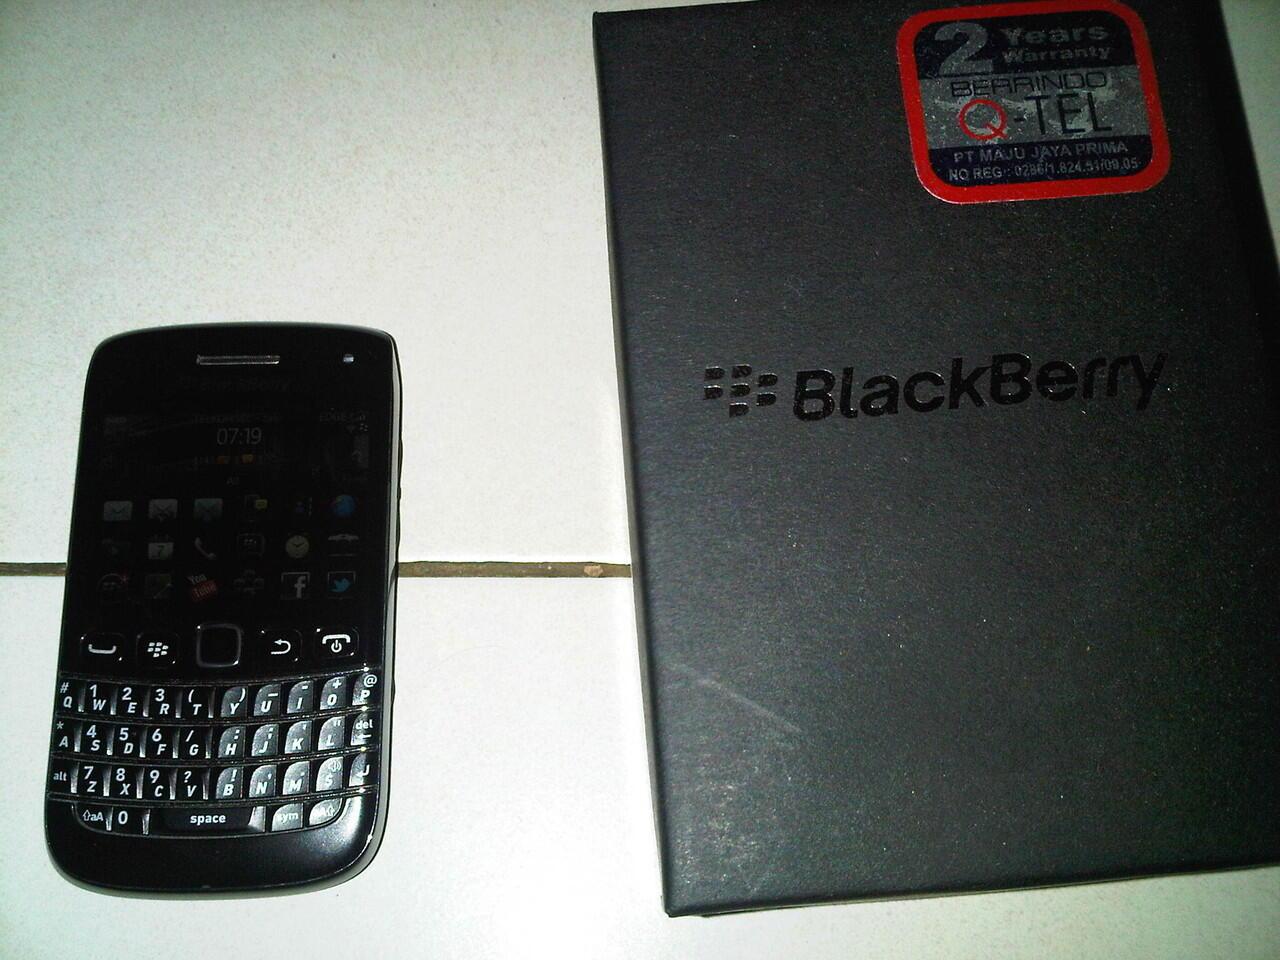 Jual BB Bellagio 9790 Black super murah